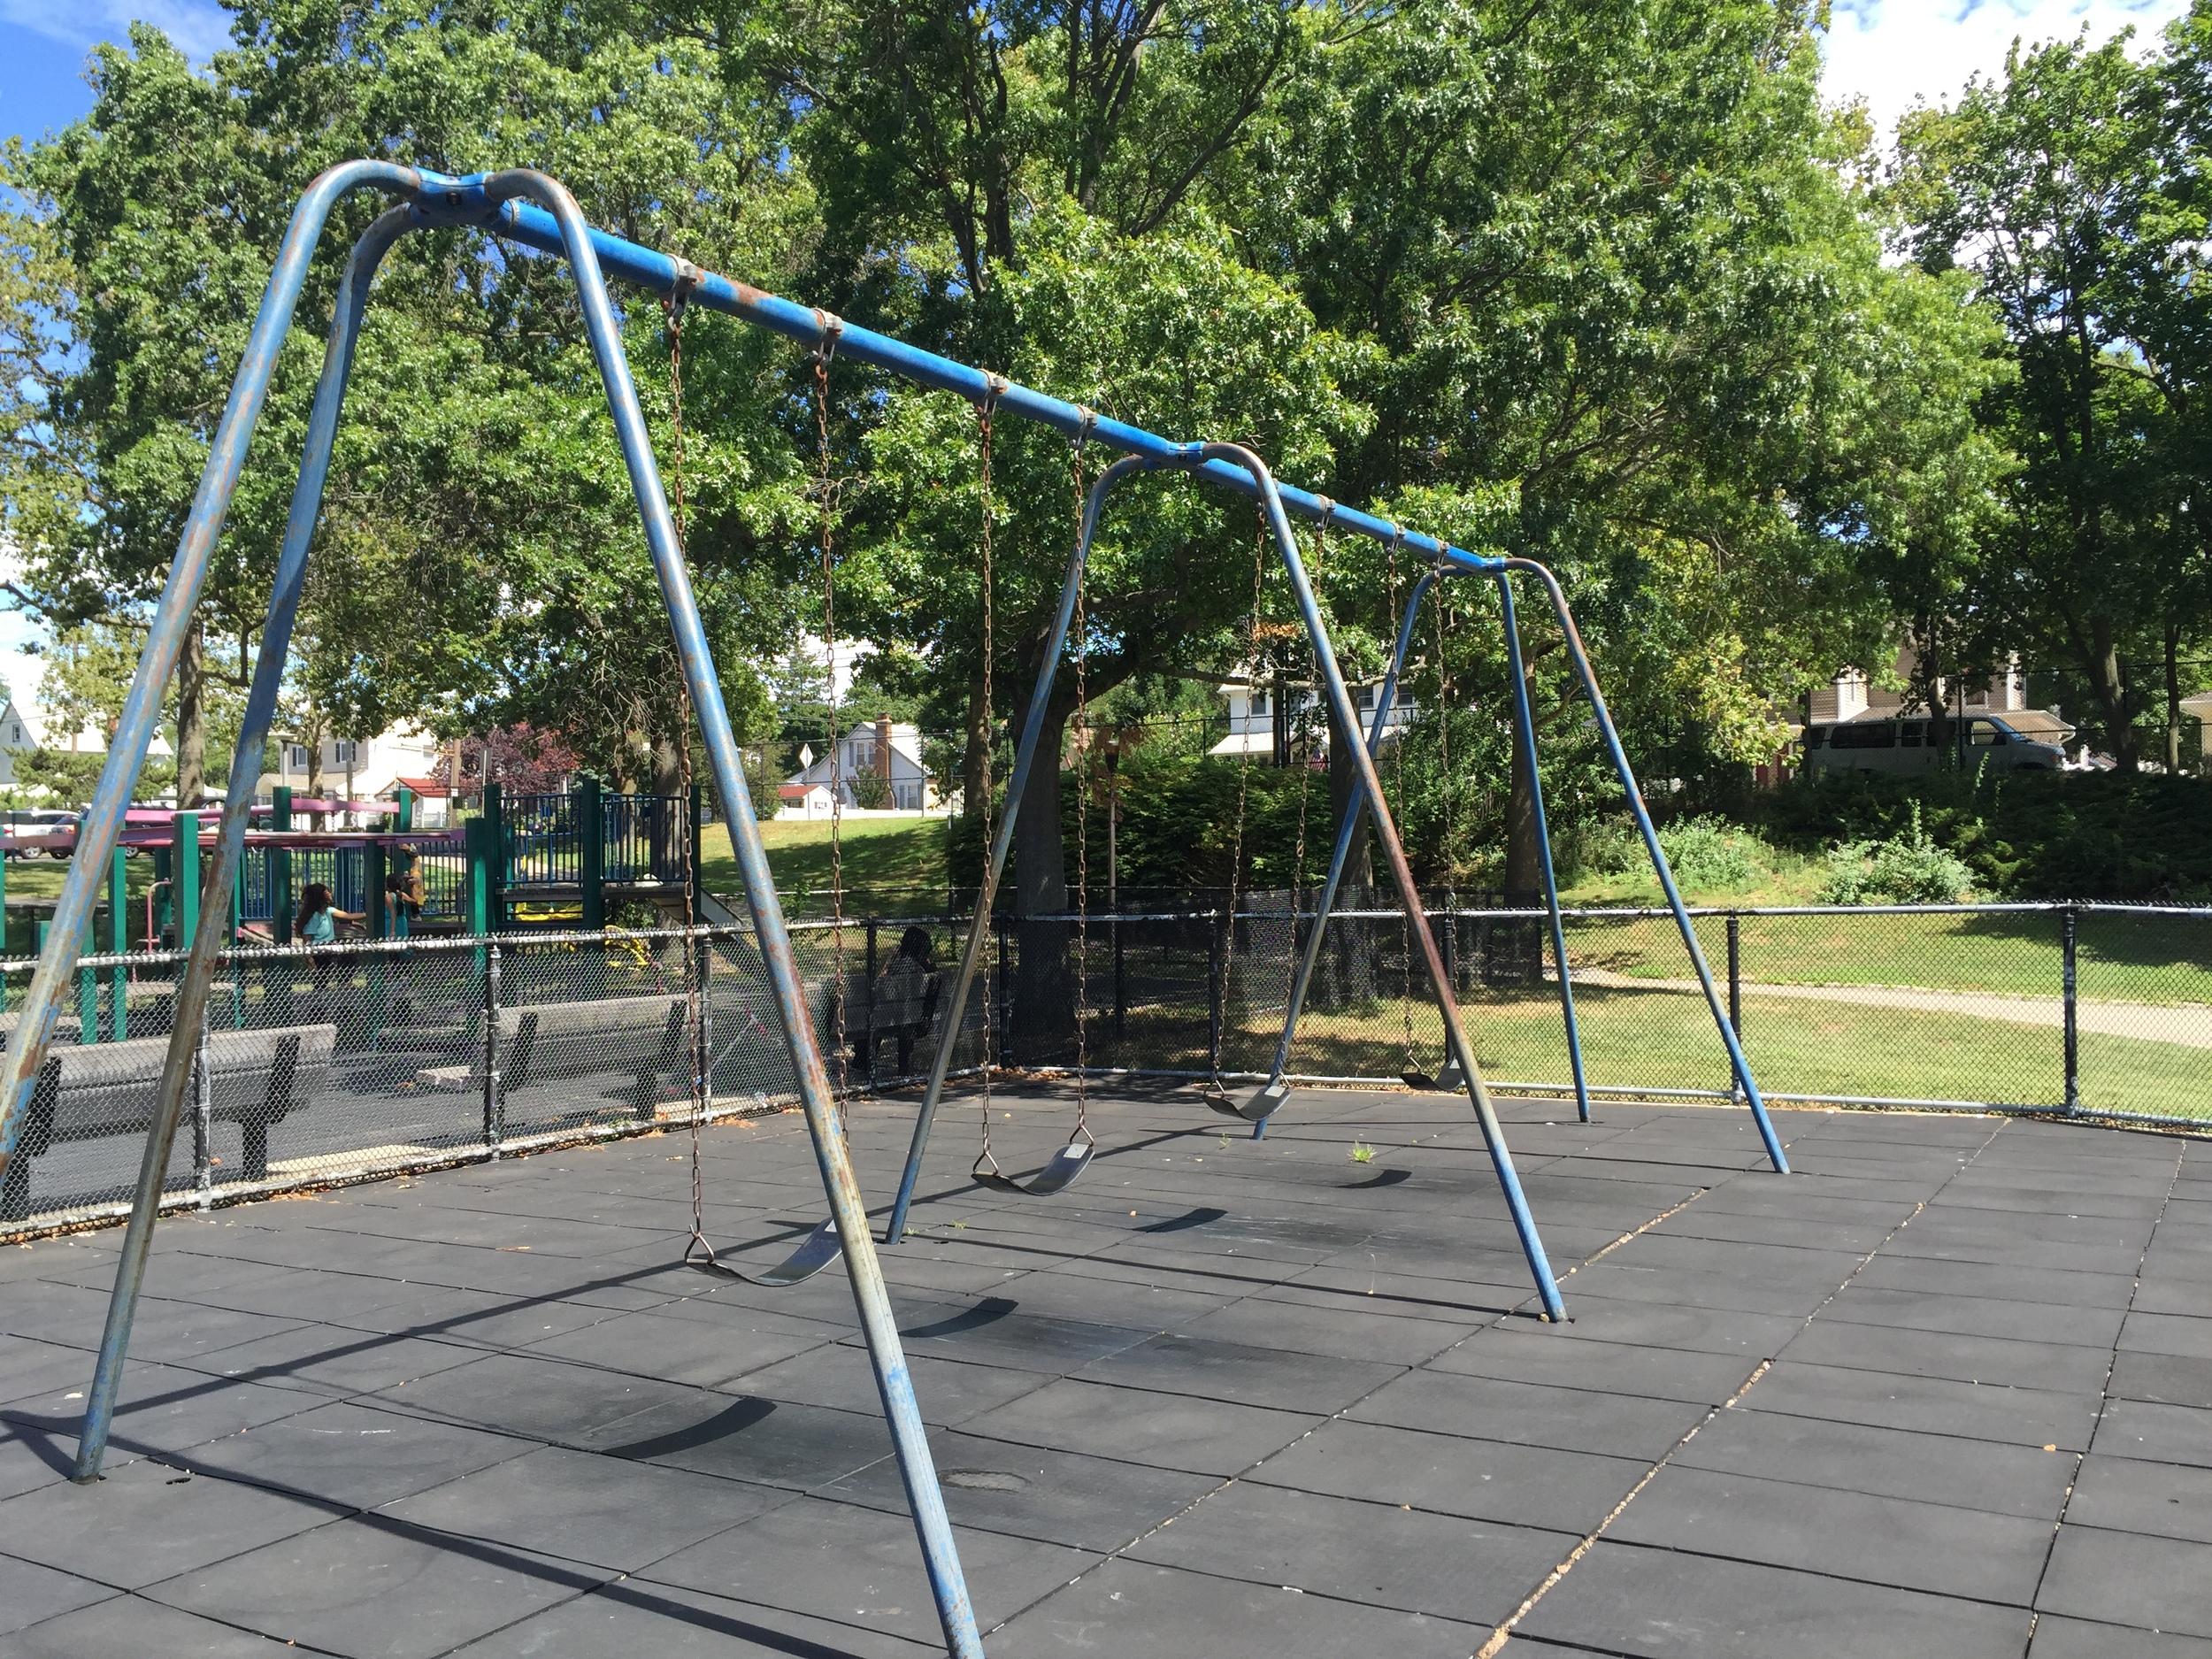 Swings at Grant Park